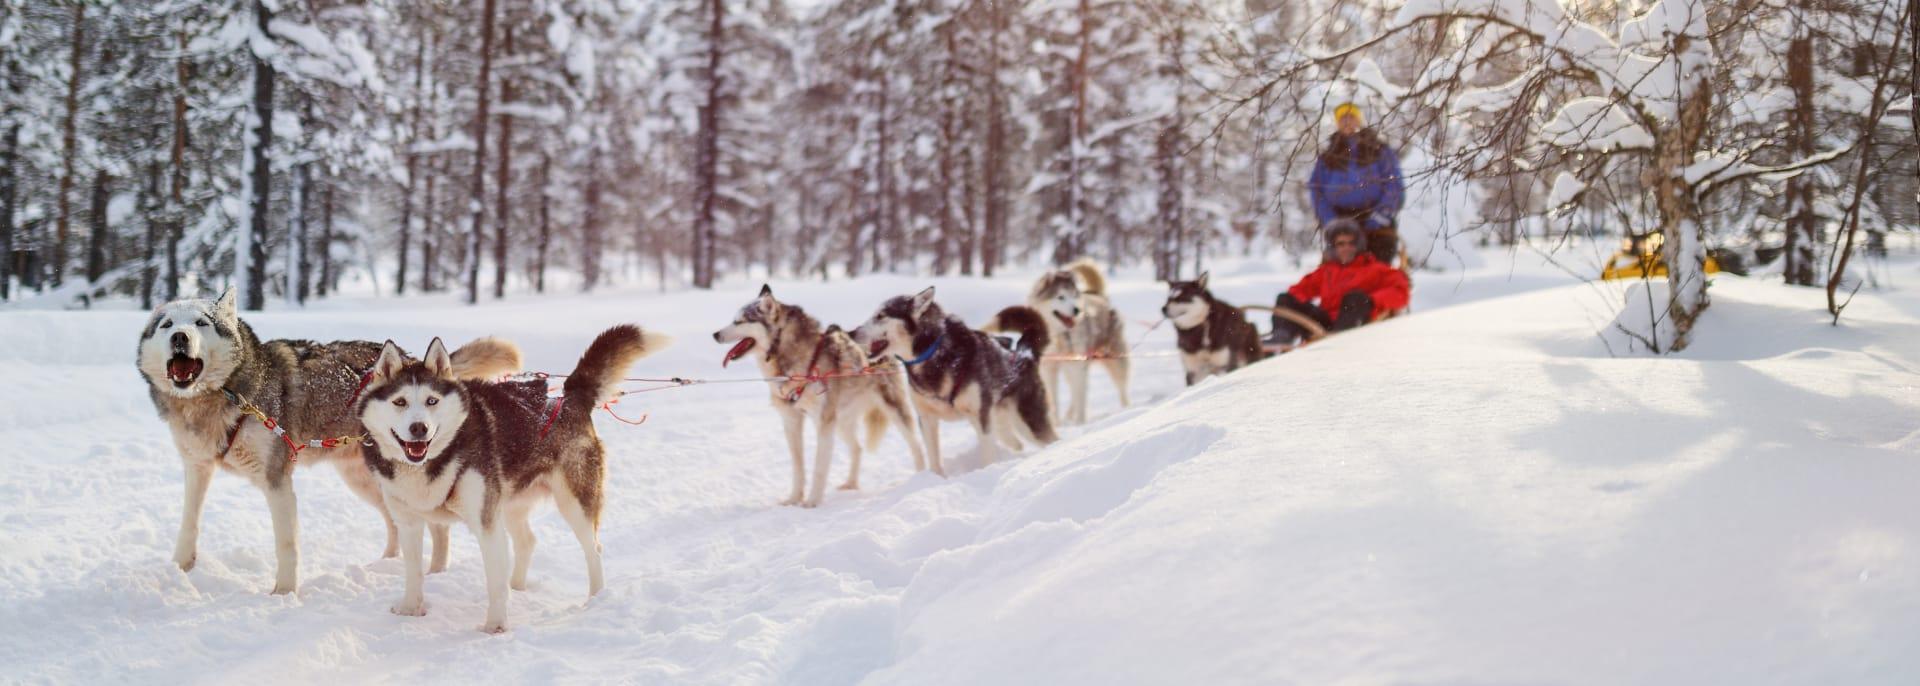 Hundeschlitten Reisen, Lappland